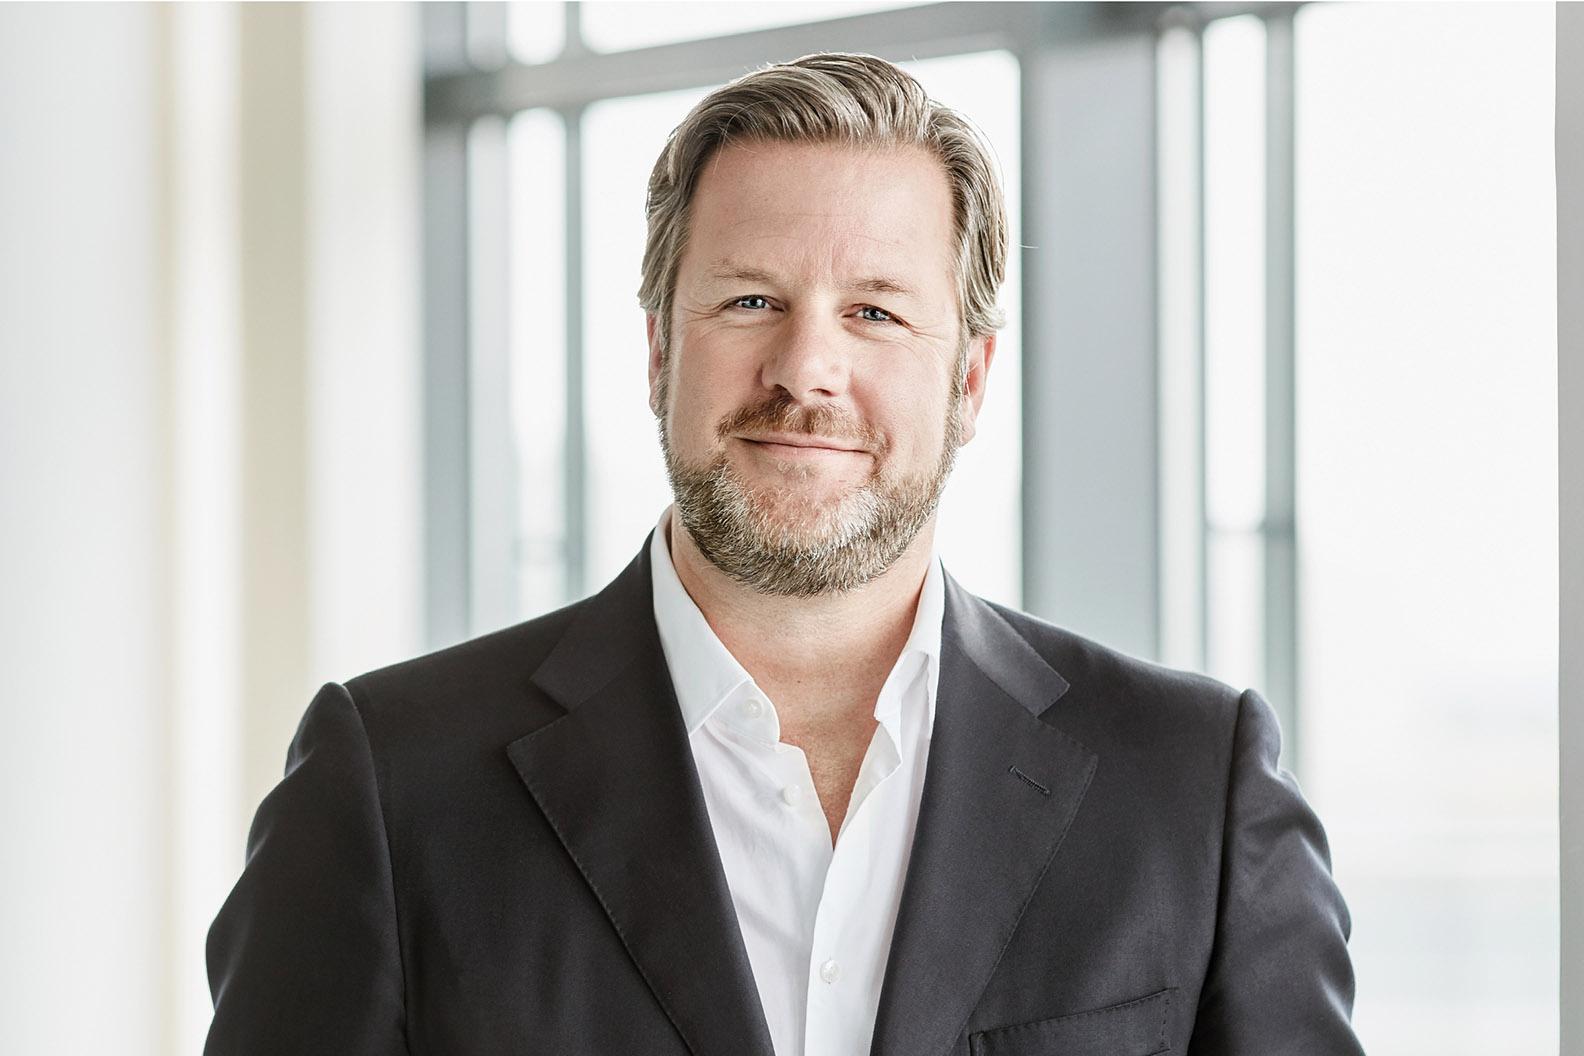 Oliver Schoeller, CEO of Gothaer